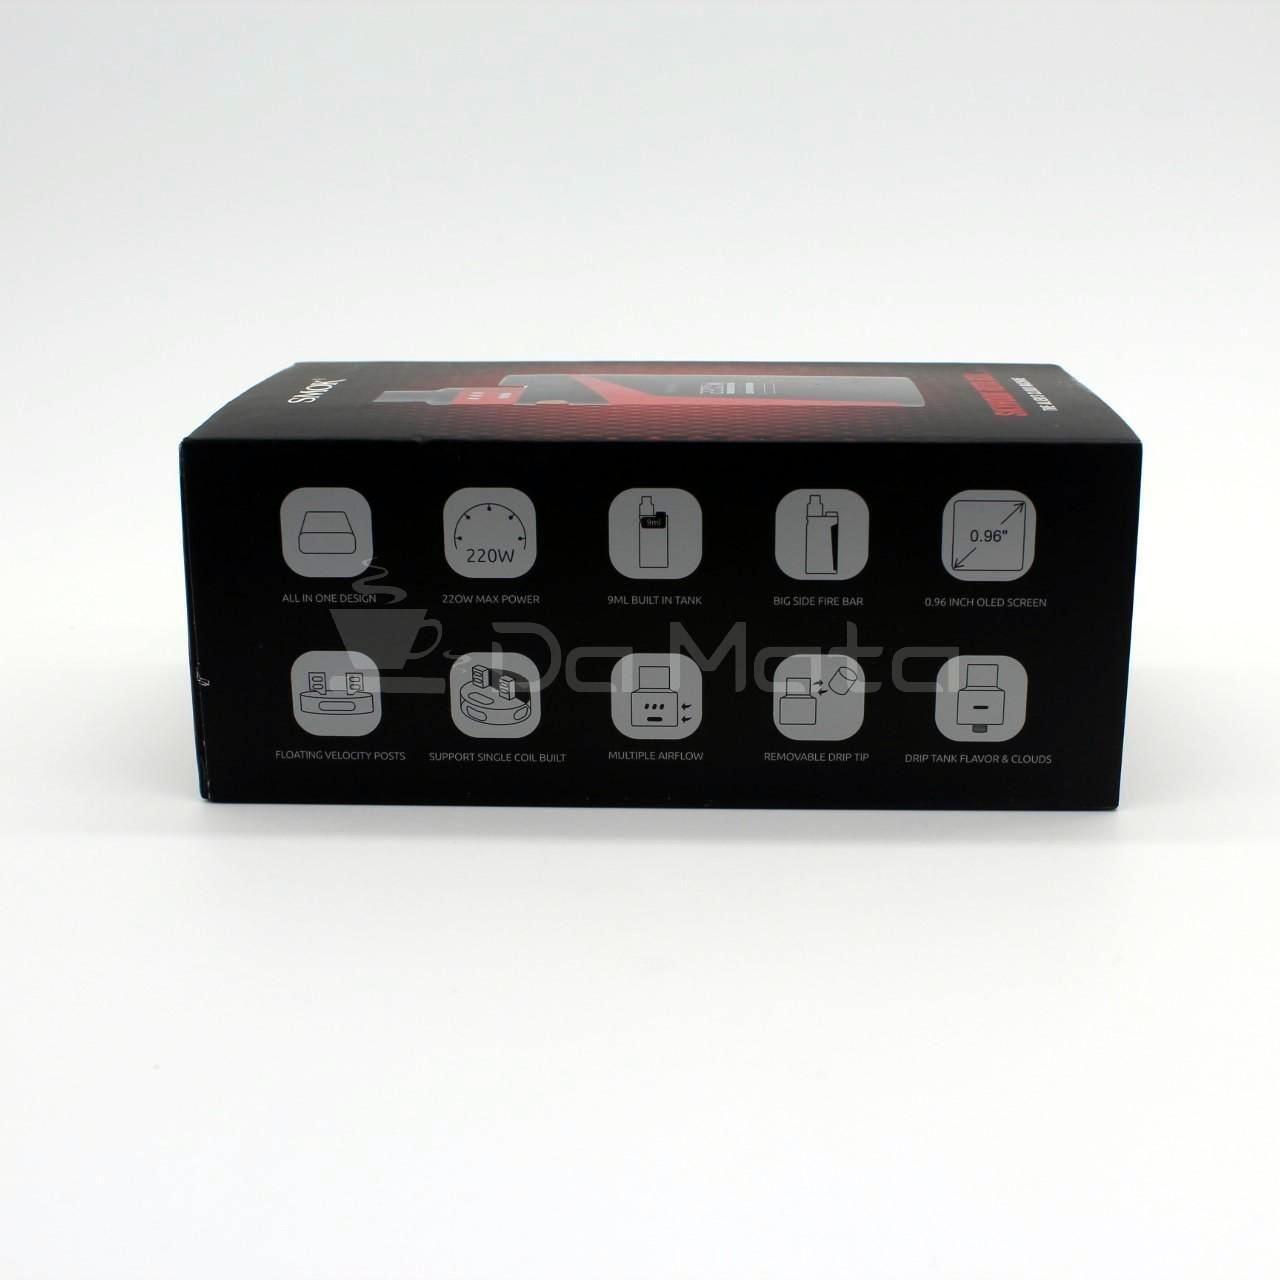 Vaporizador Smok Skyhook RDTA BOX